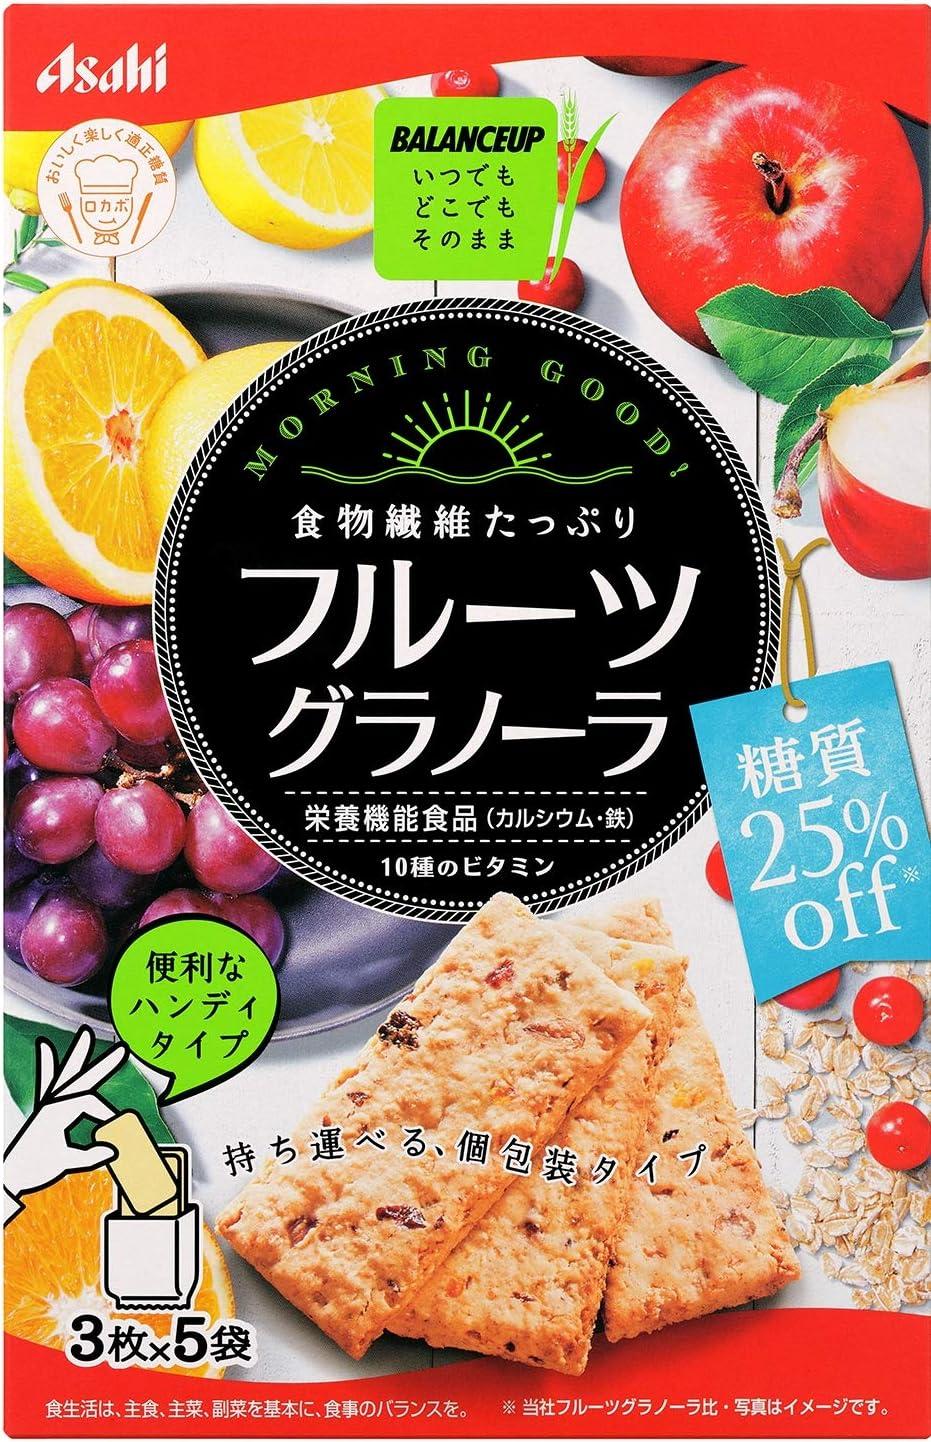 【アサヒグループ食品】バランスアップフルーツグラノーラ糖質25% オフ 150g